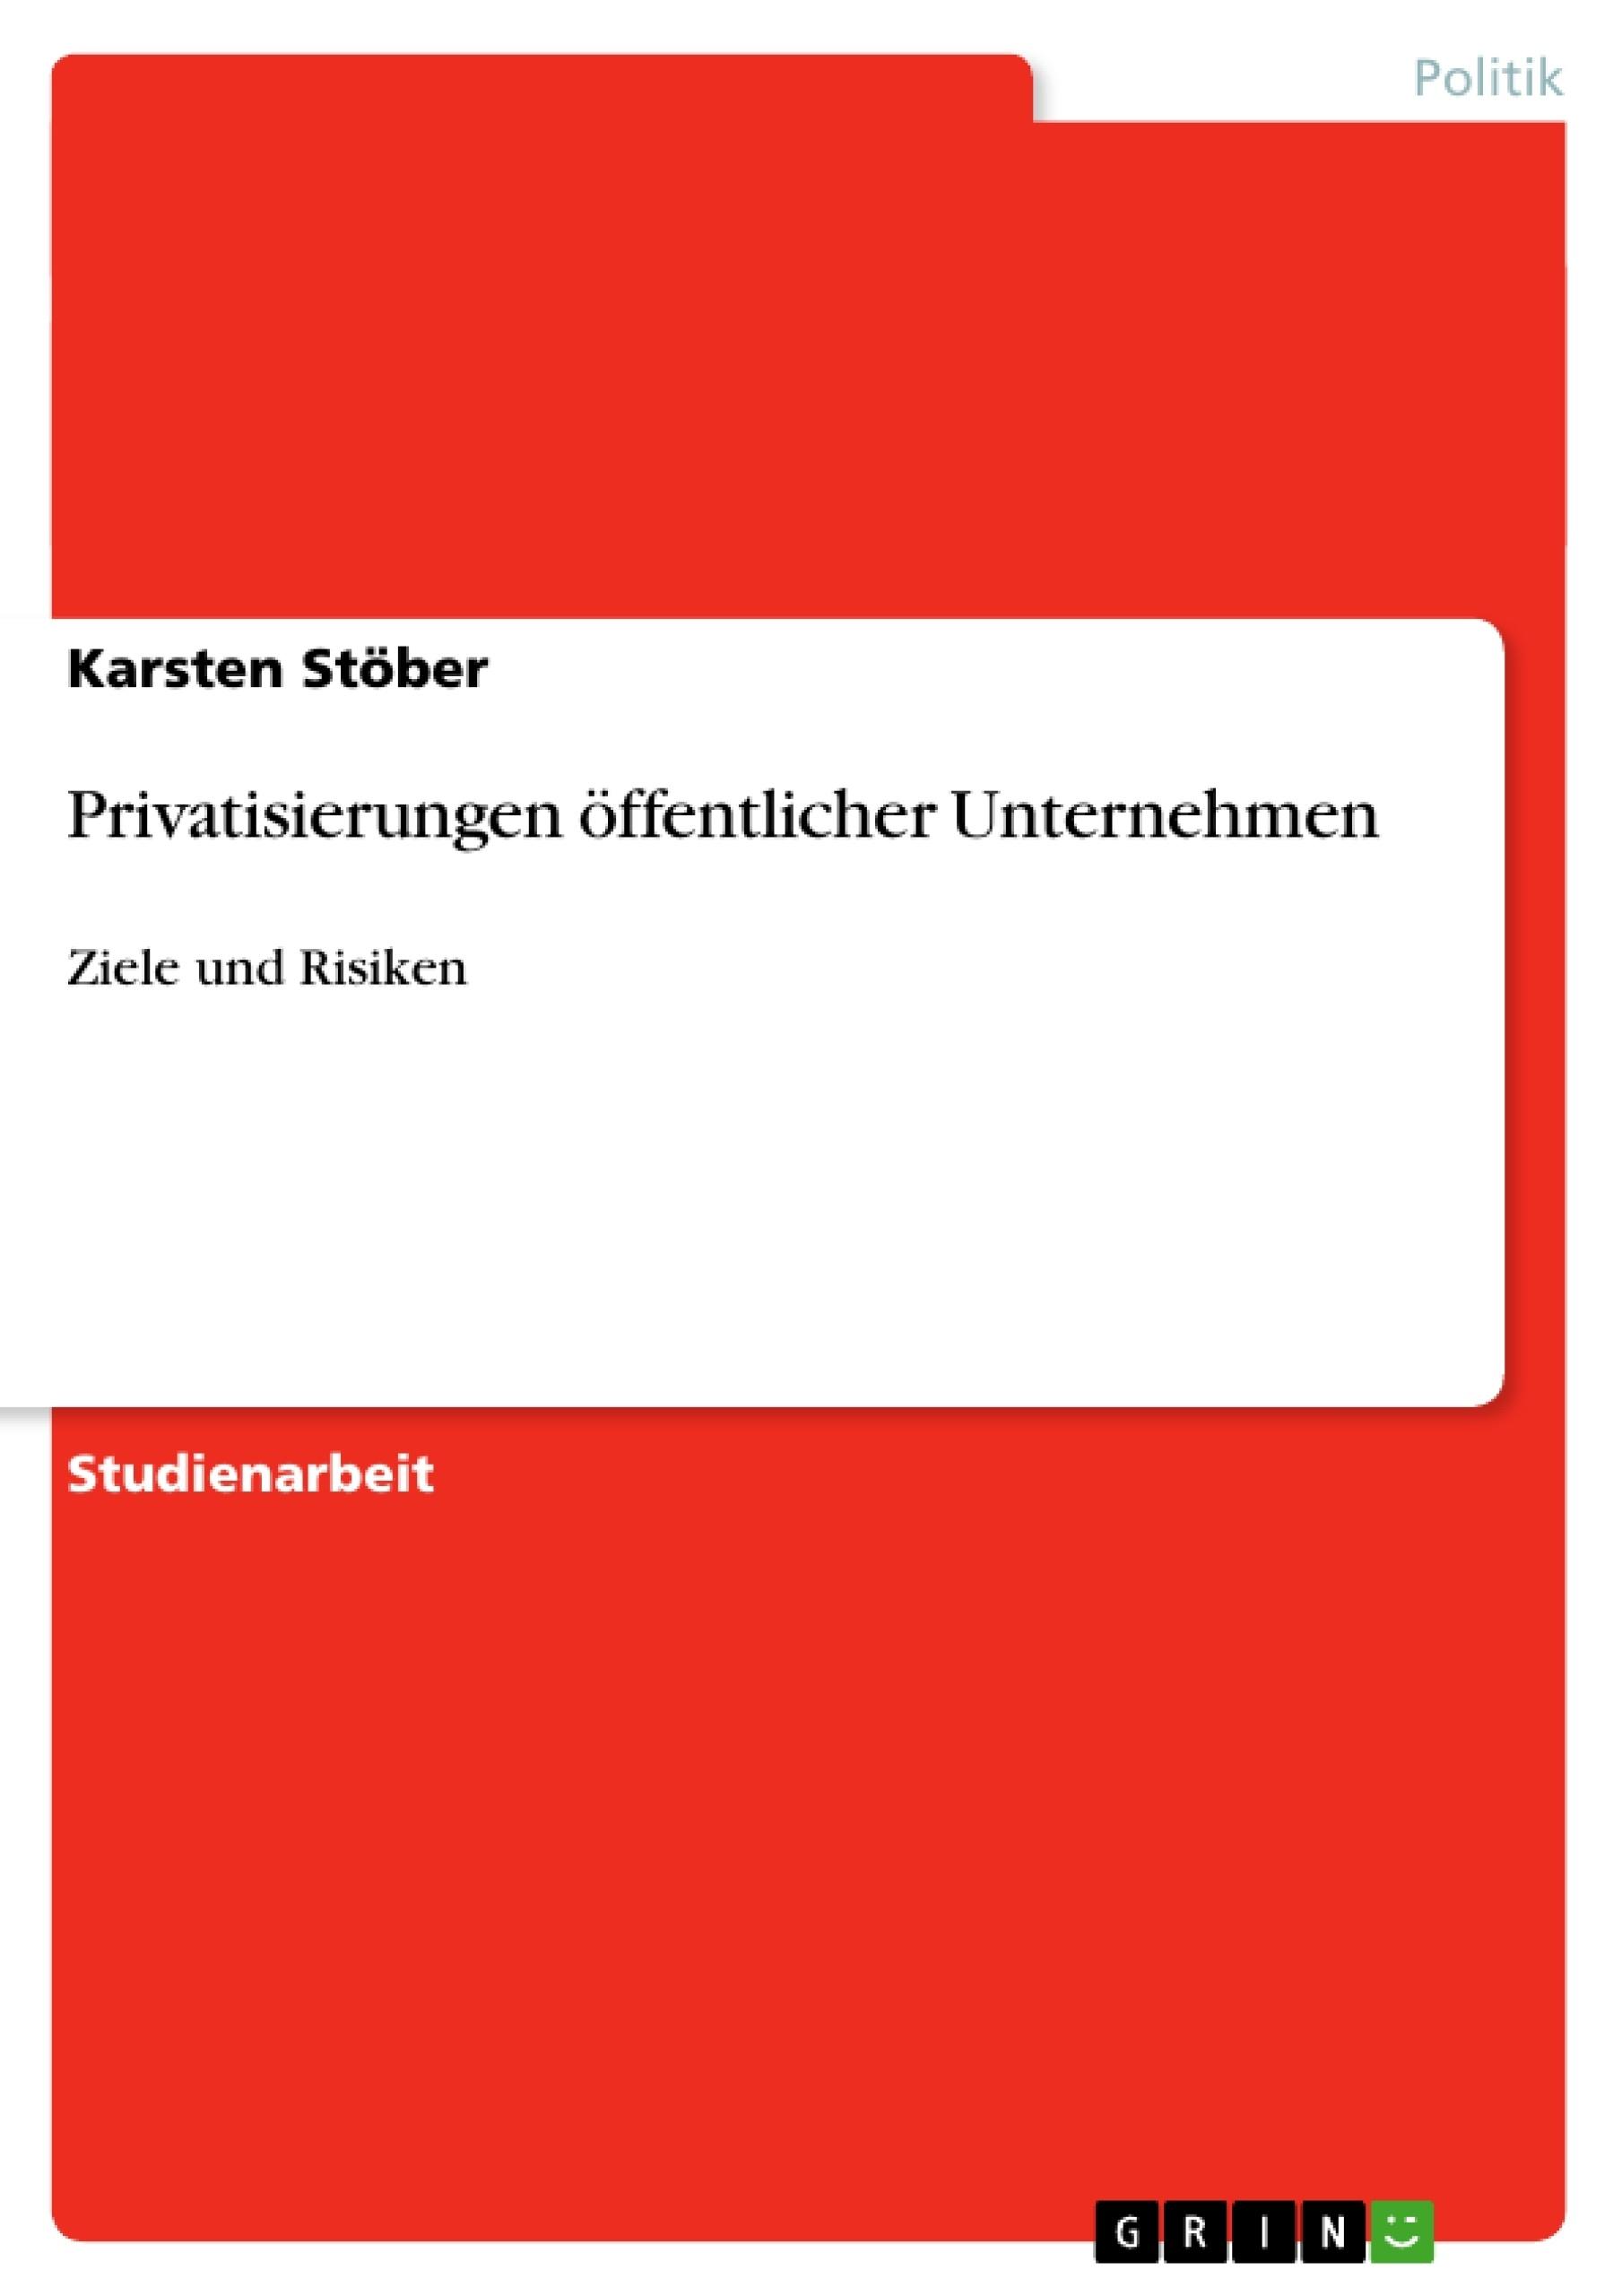 Titel: Privatisierungen öffentlicher Unternehmen